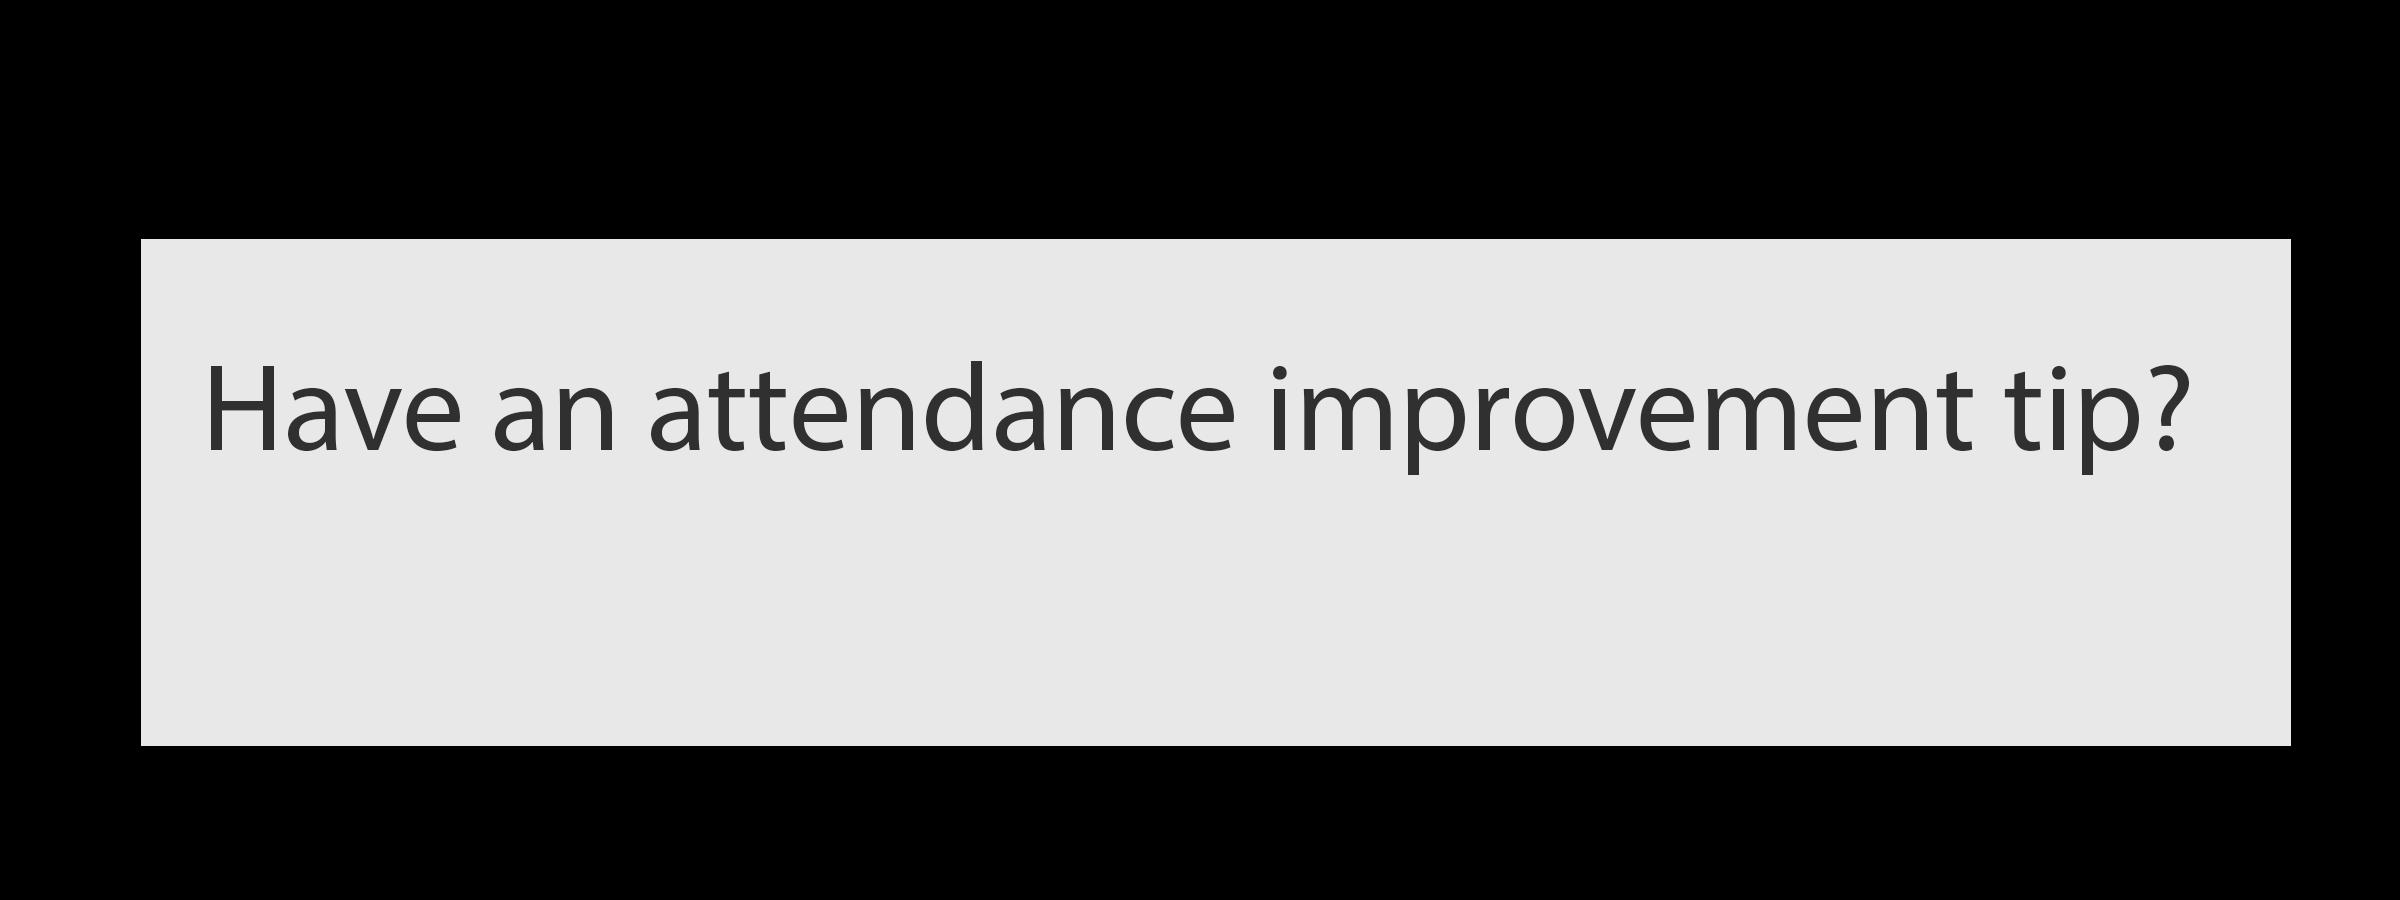 AttendanceTip.png